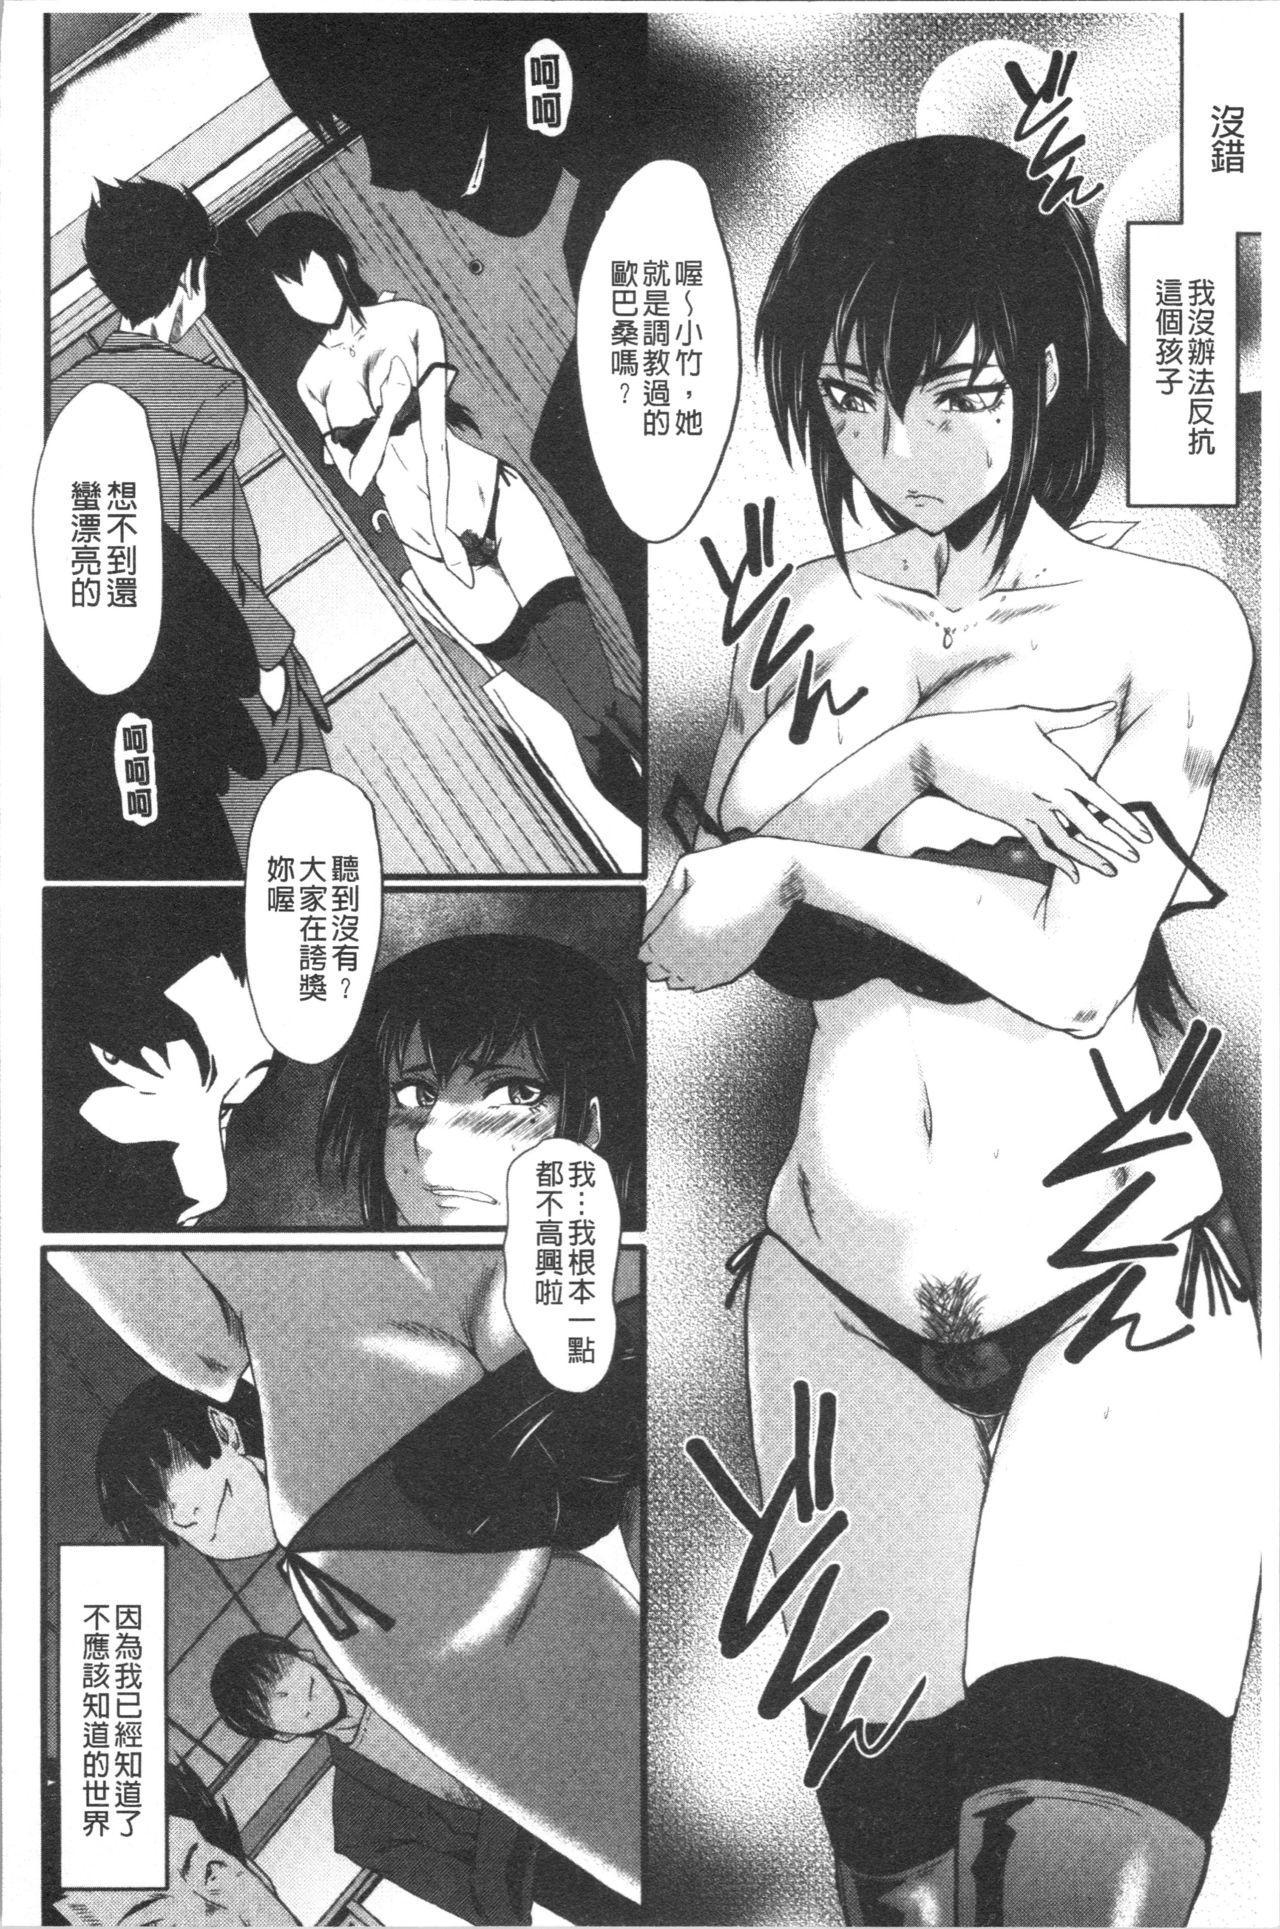 Bokuno Kanojo ga Kusogaki ni Netorareta Hanashi 181